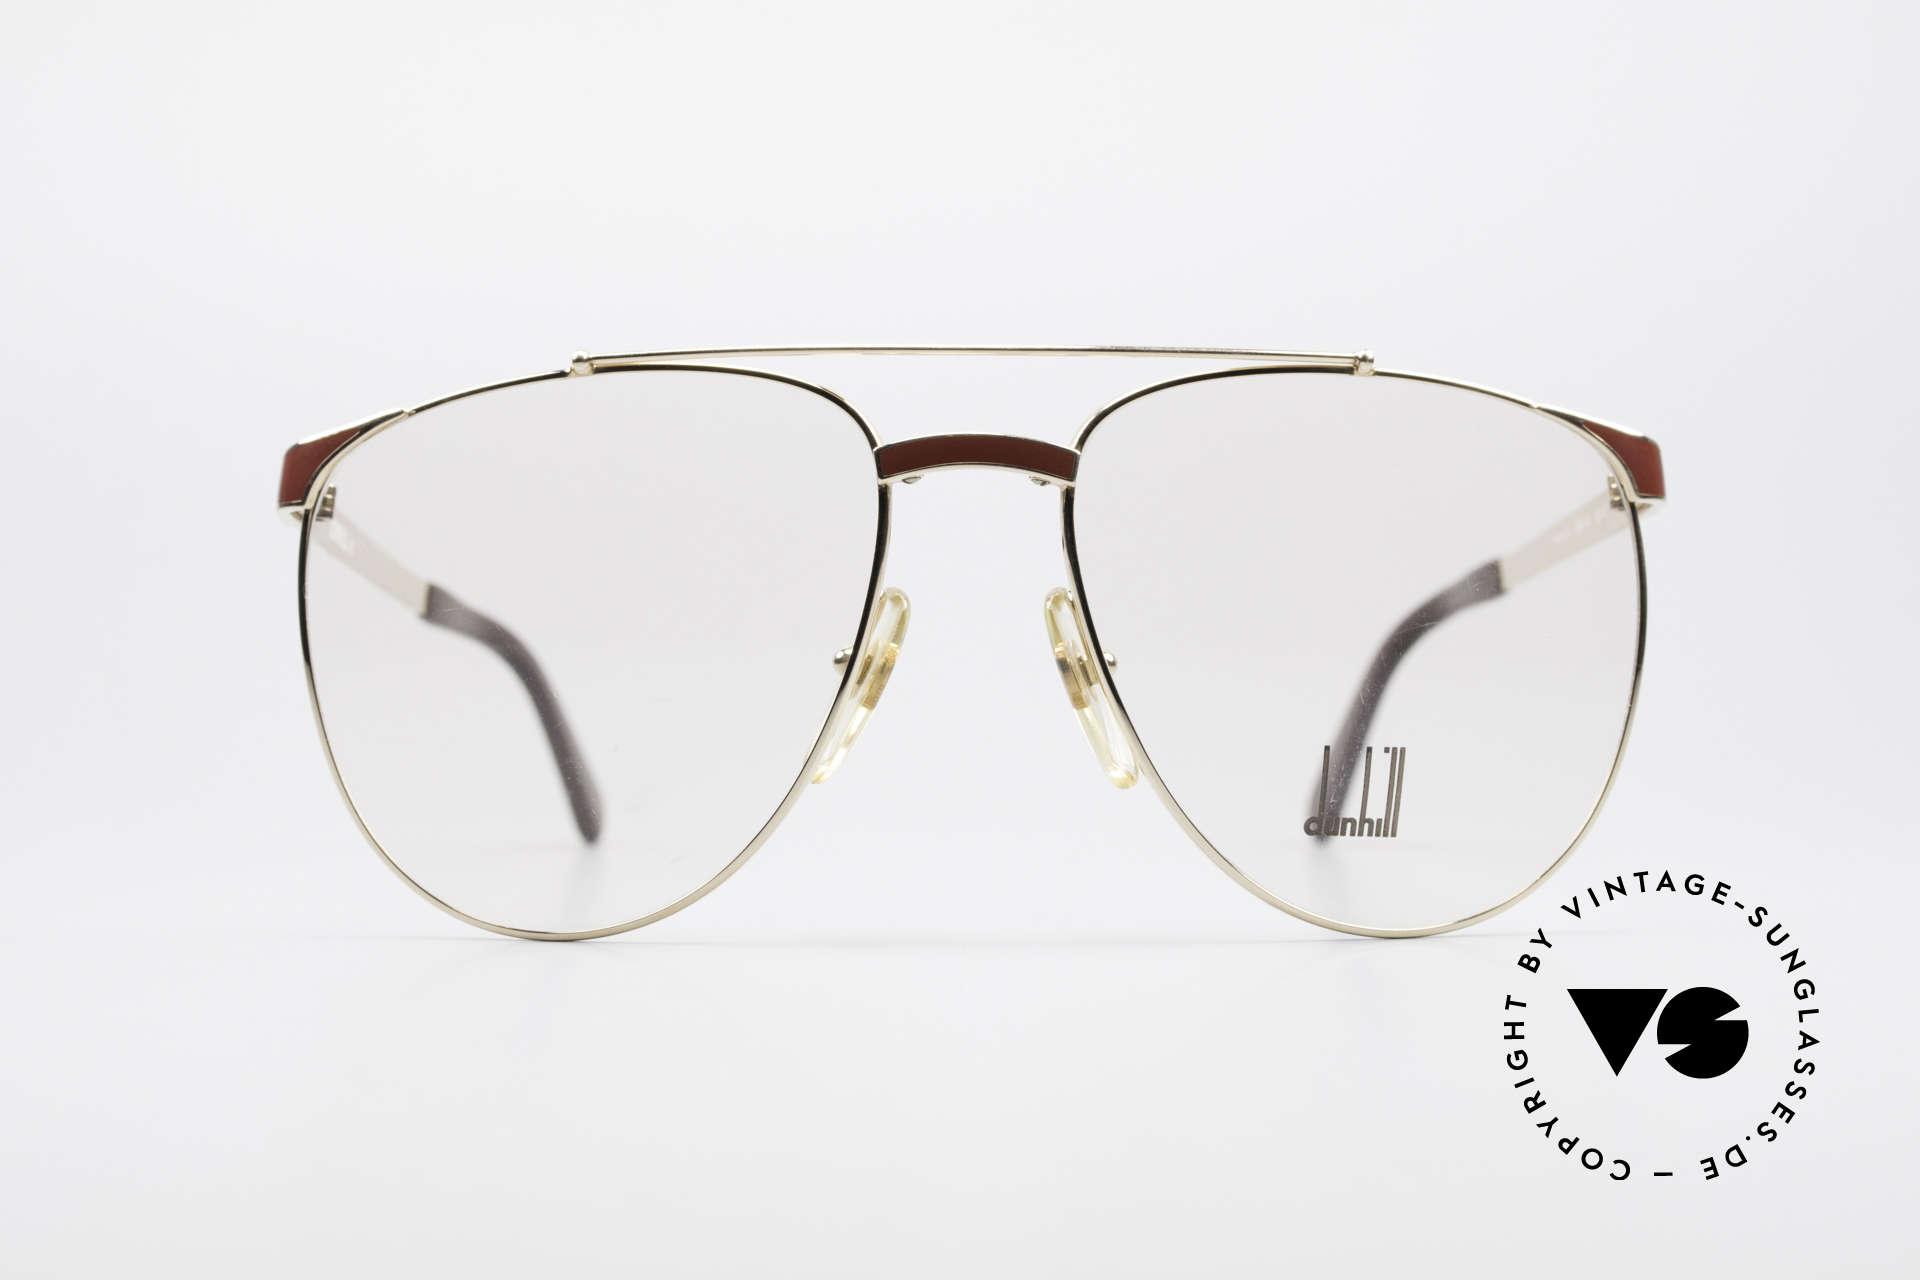 Dunhill 6034 Chinalack Luxus Brille 80er, Comfort-Fit: federnde Brücke für optimale Form, Passend für Herren